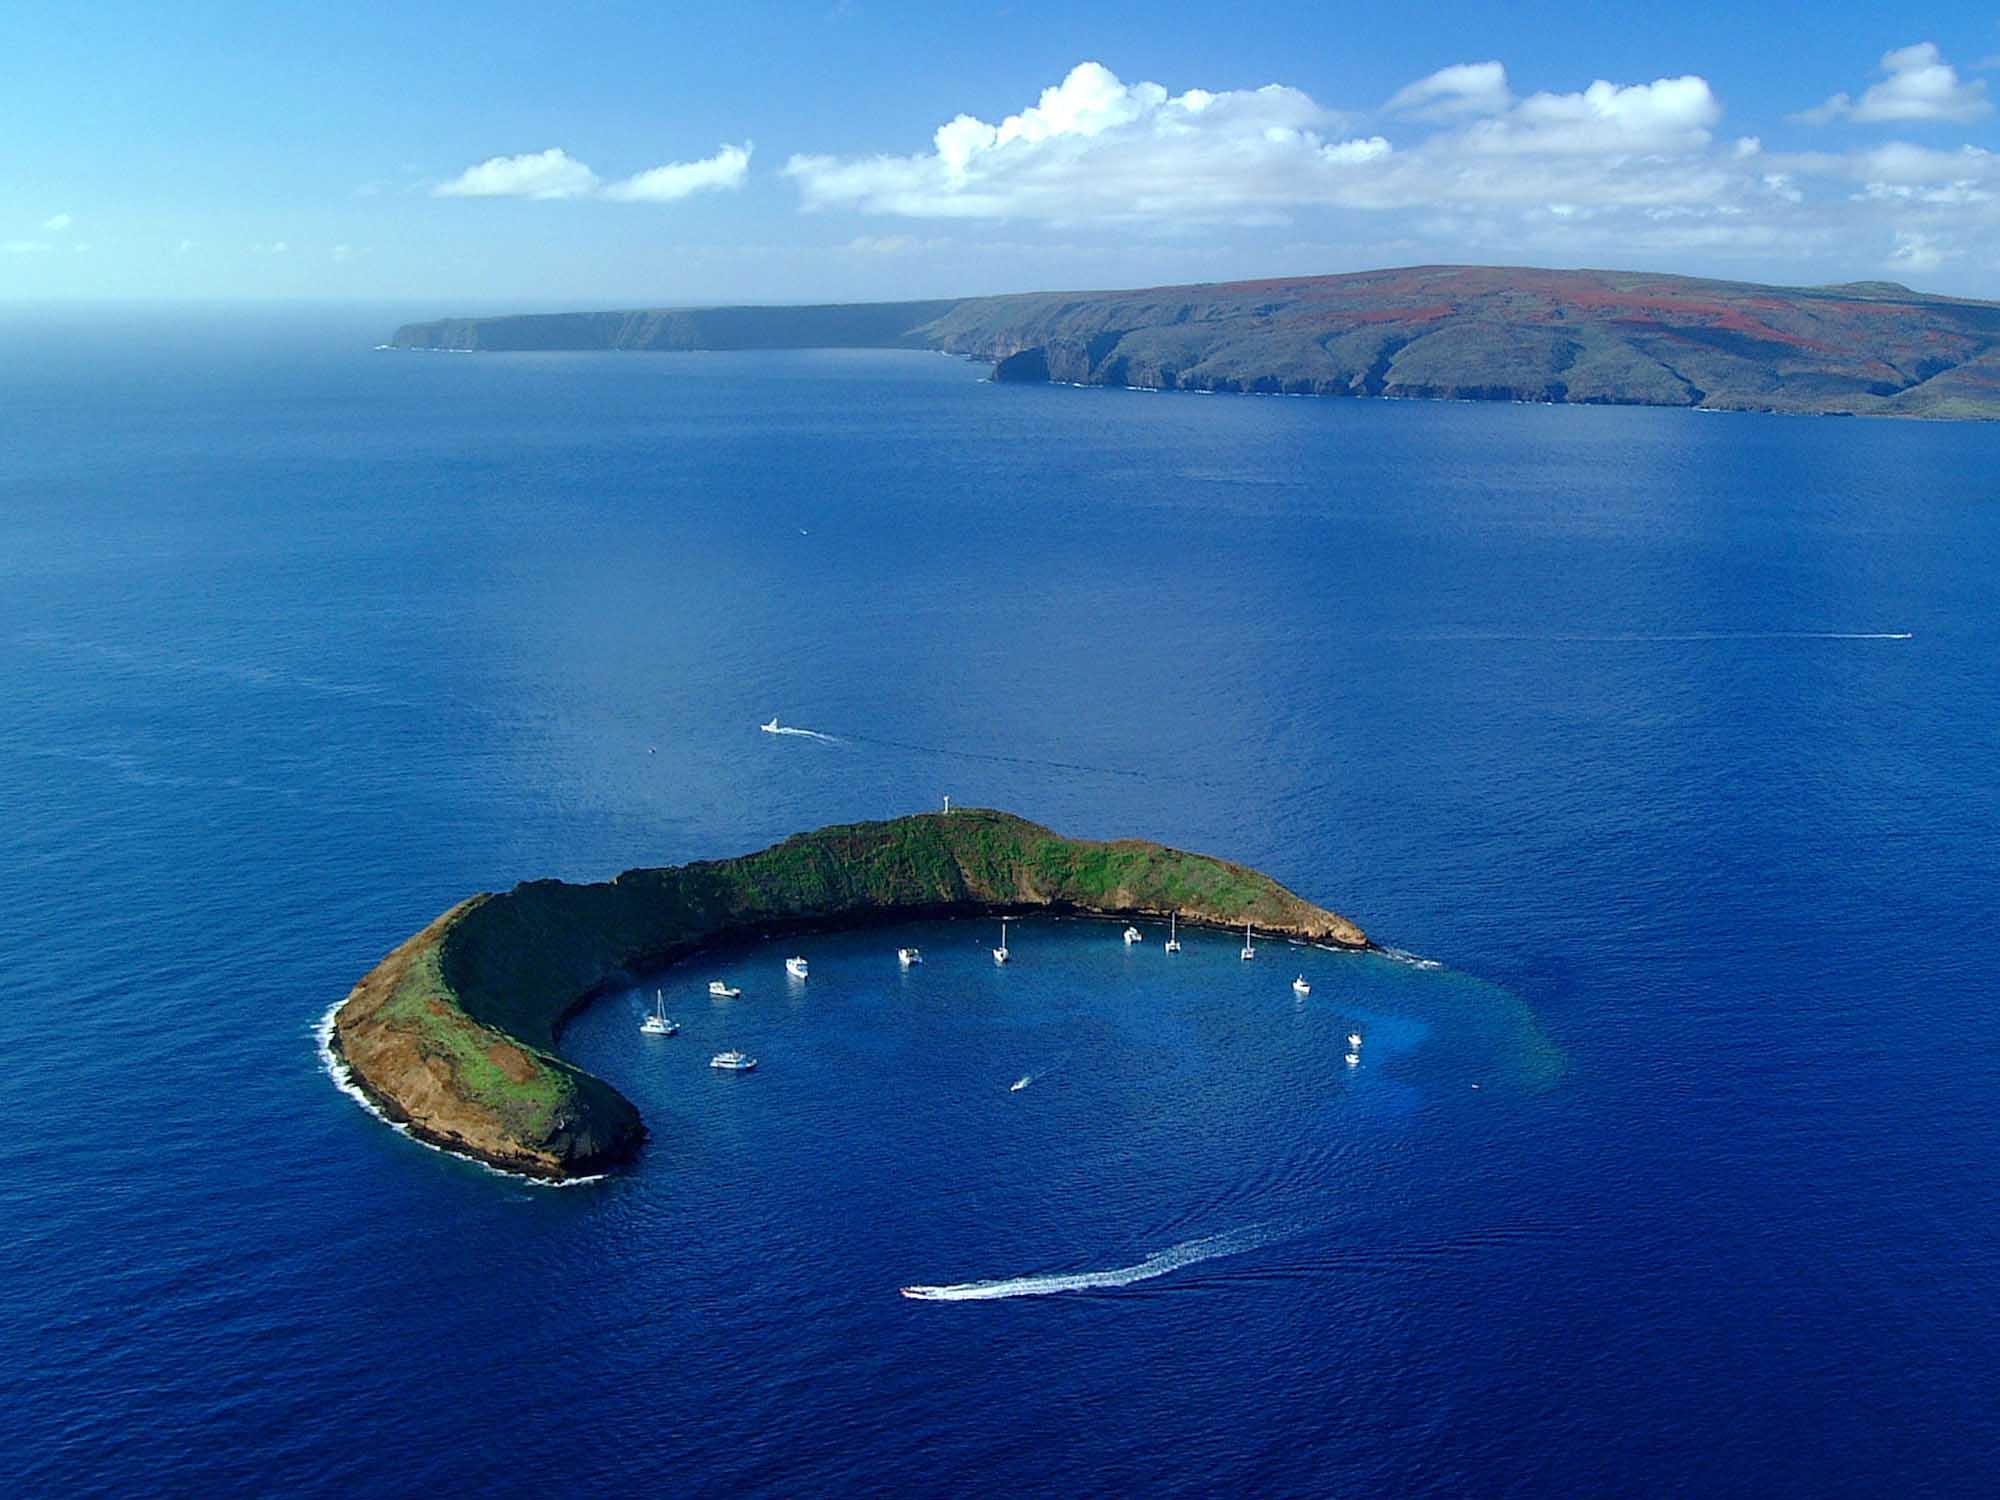 Maui, Hawaii boats on island ocean